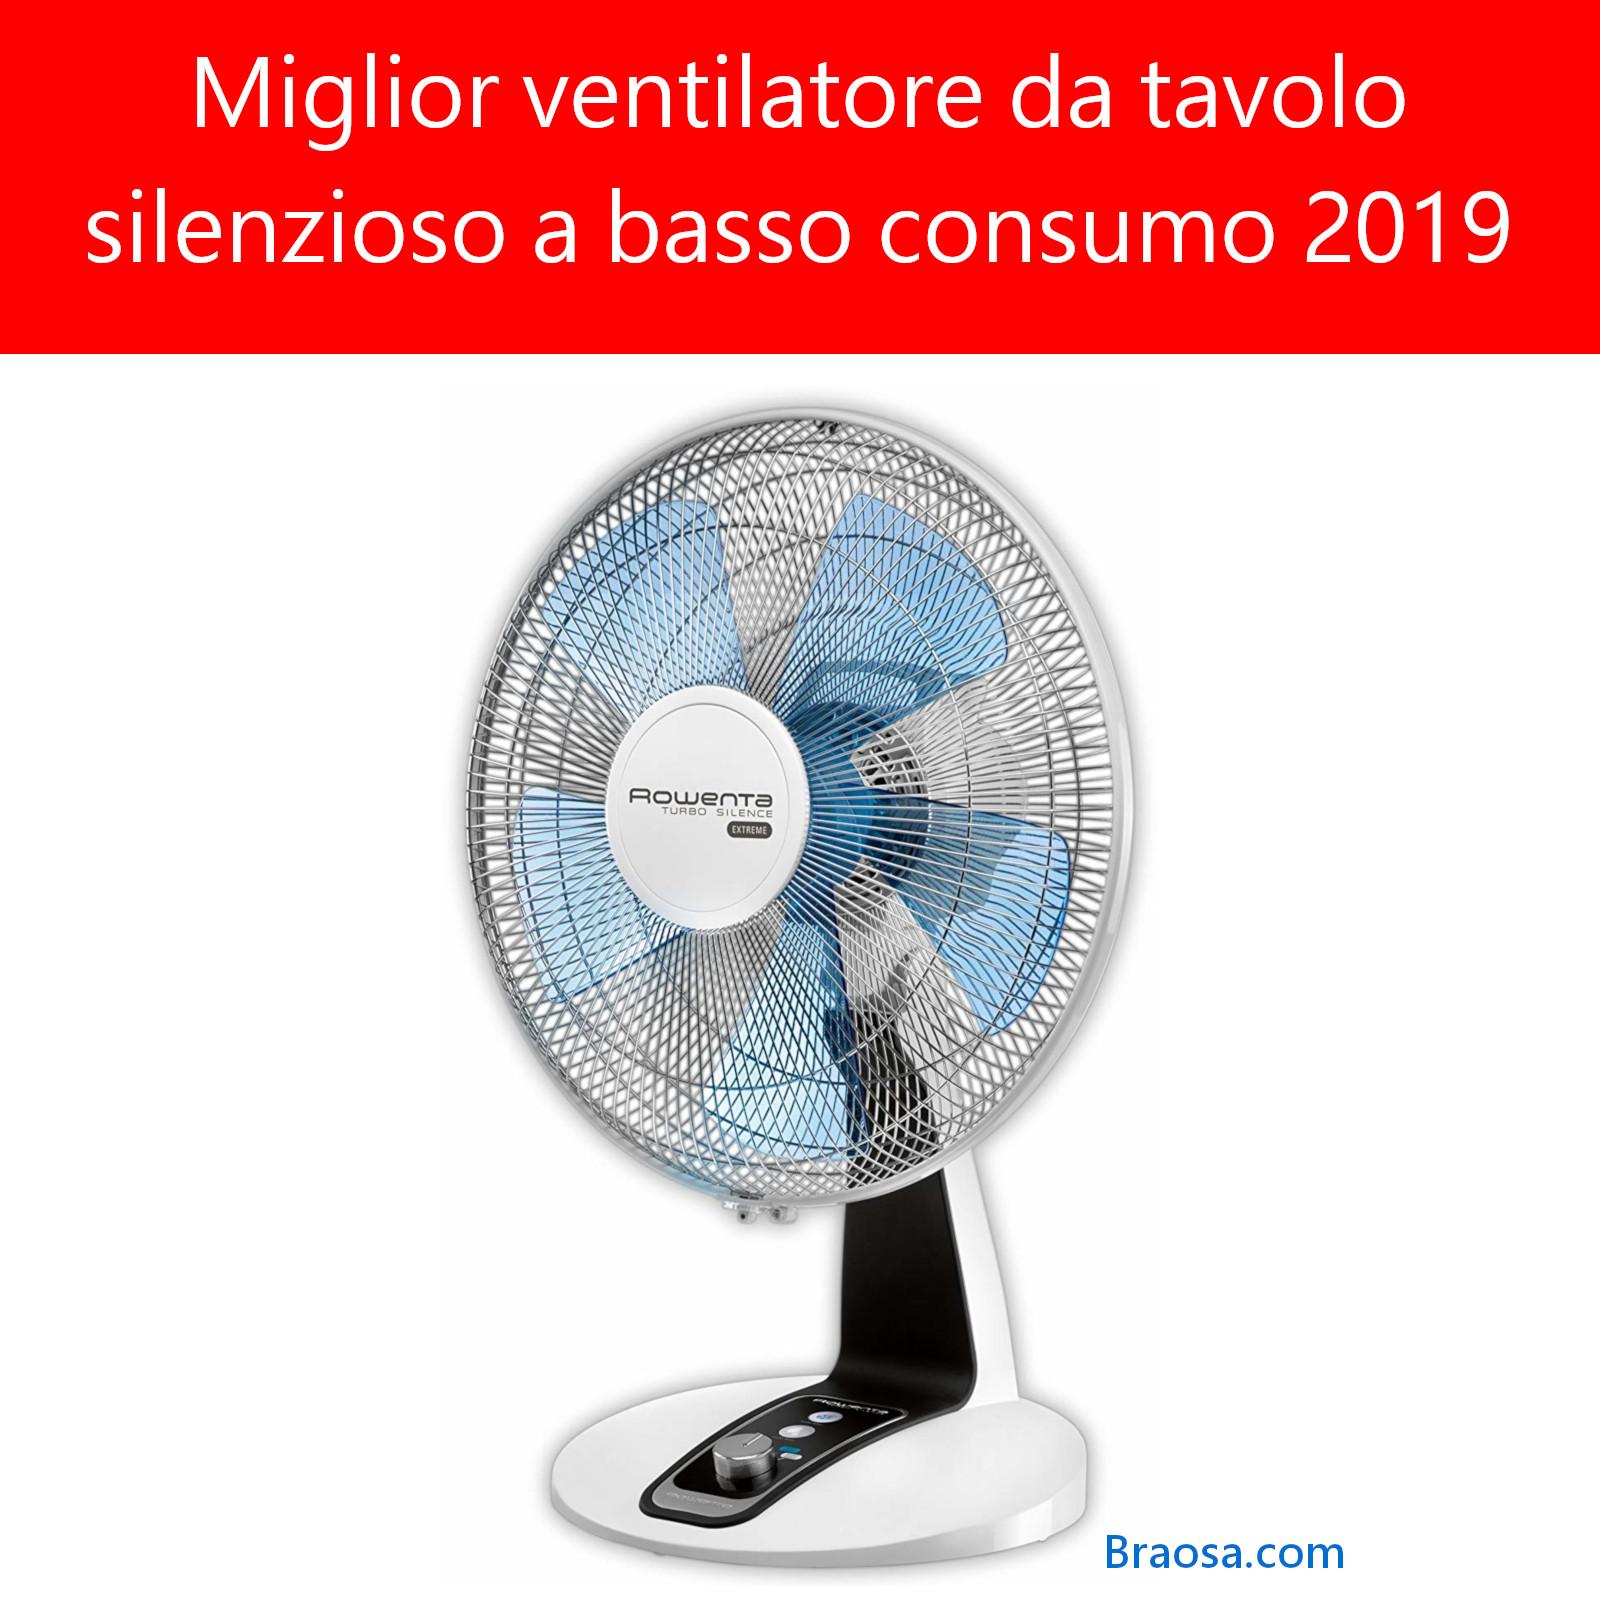 Migliore ventilatore da tavolo silenzioso 2019